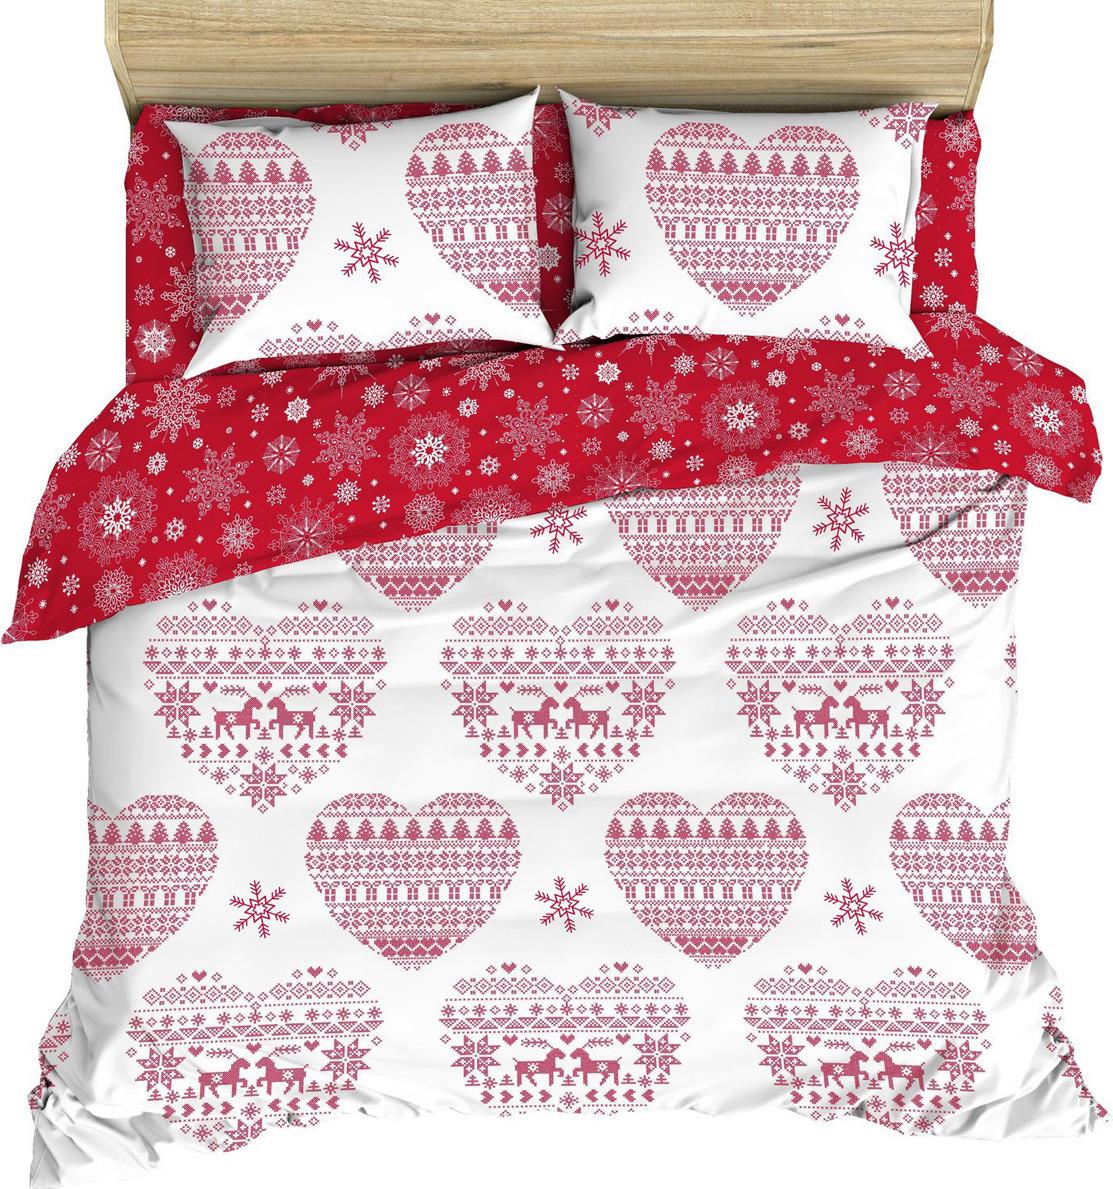 Комплект постельного белья Василиса, 187349, 2-х спальный, наволочки 70x70, красный комплект постельного белья василиса 185625 2 х спальный наволочки 70x70 голубой